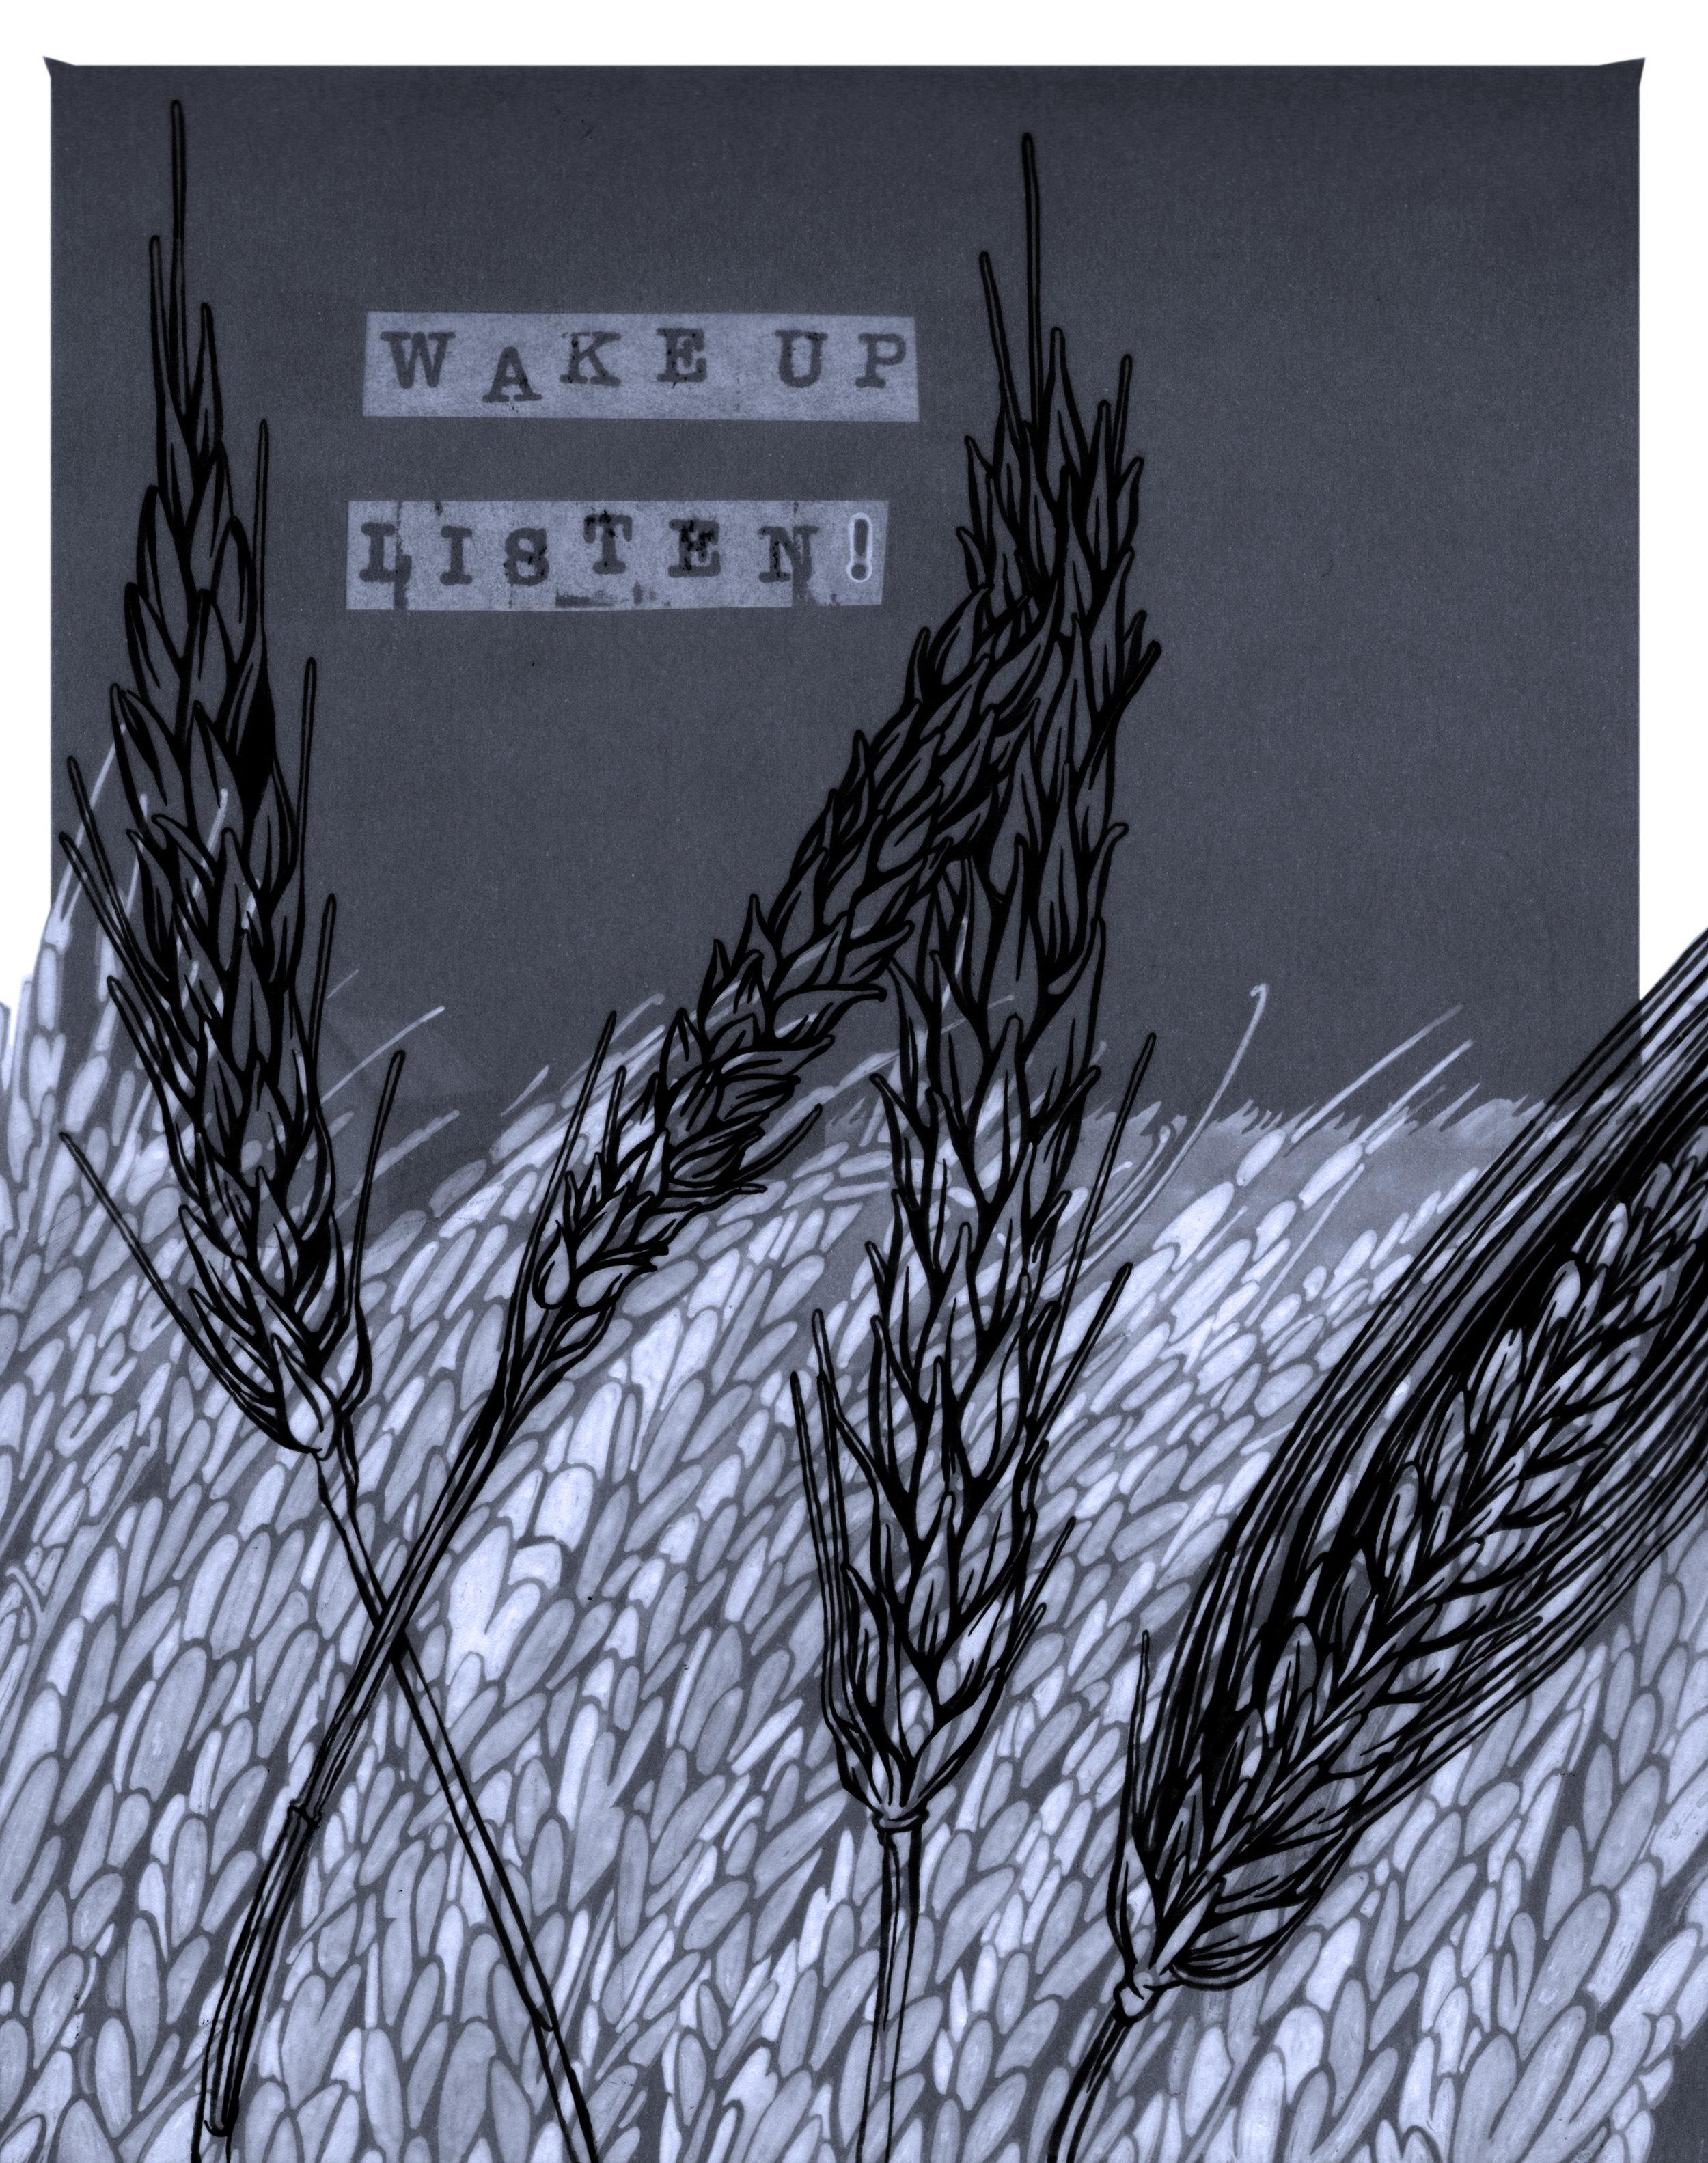 sketchbook-002-wakeuplisten.jpg